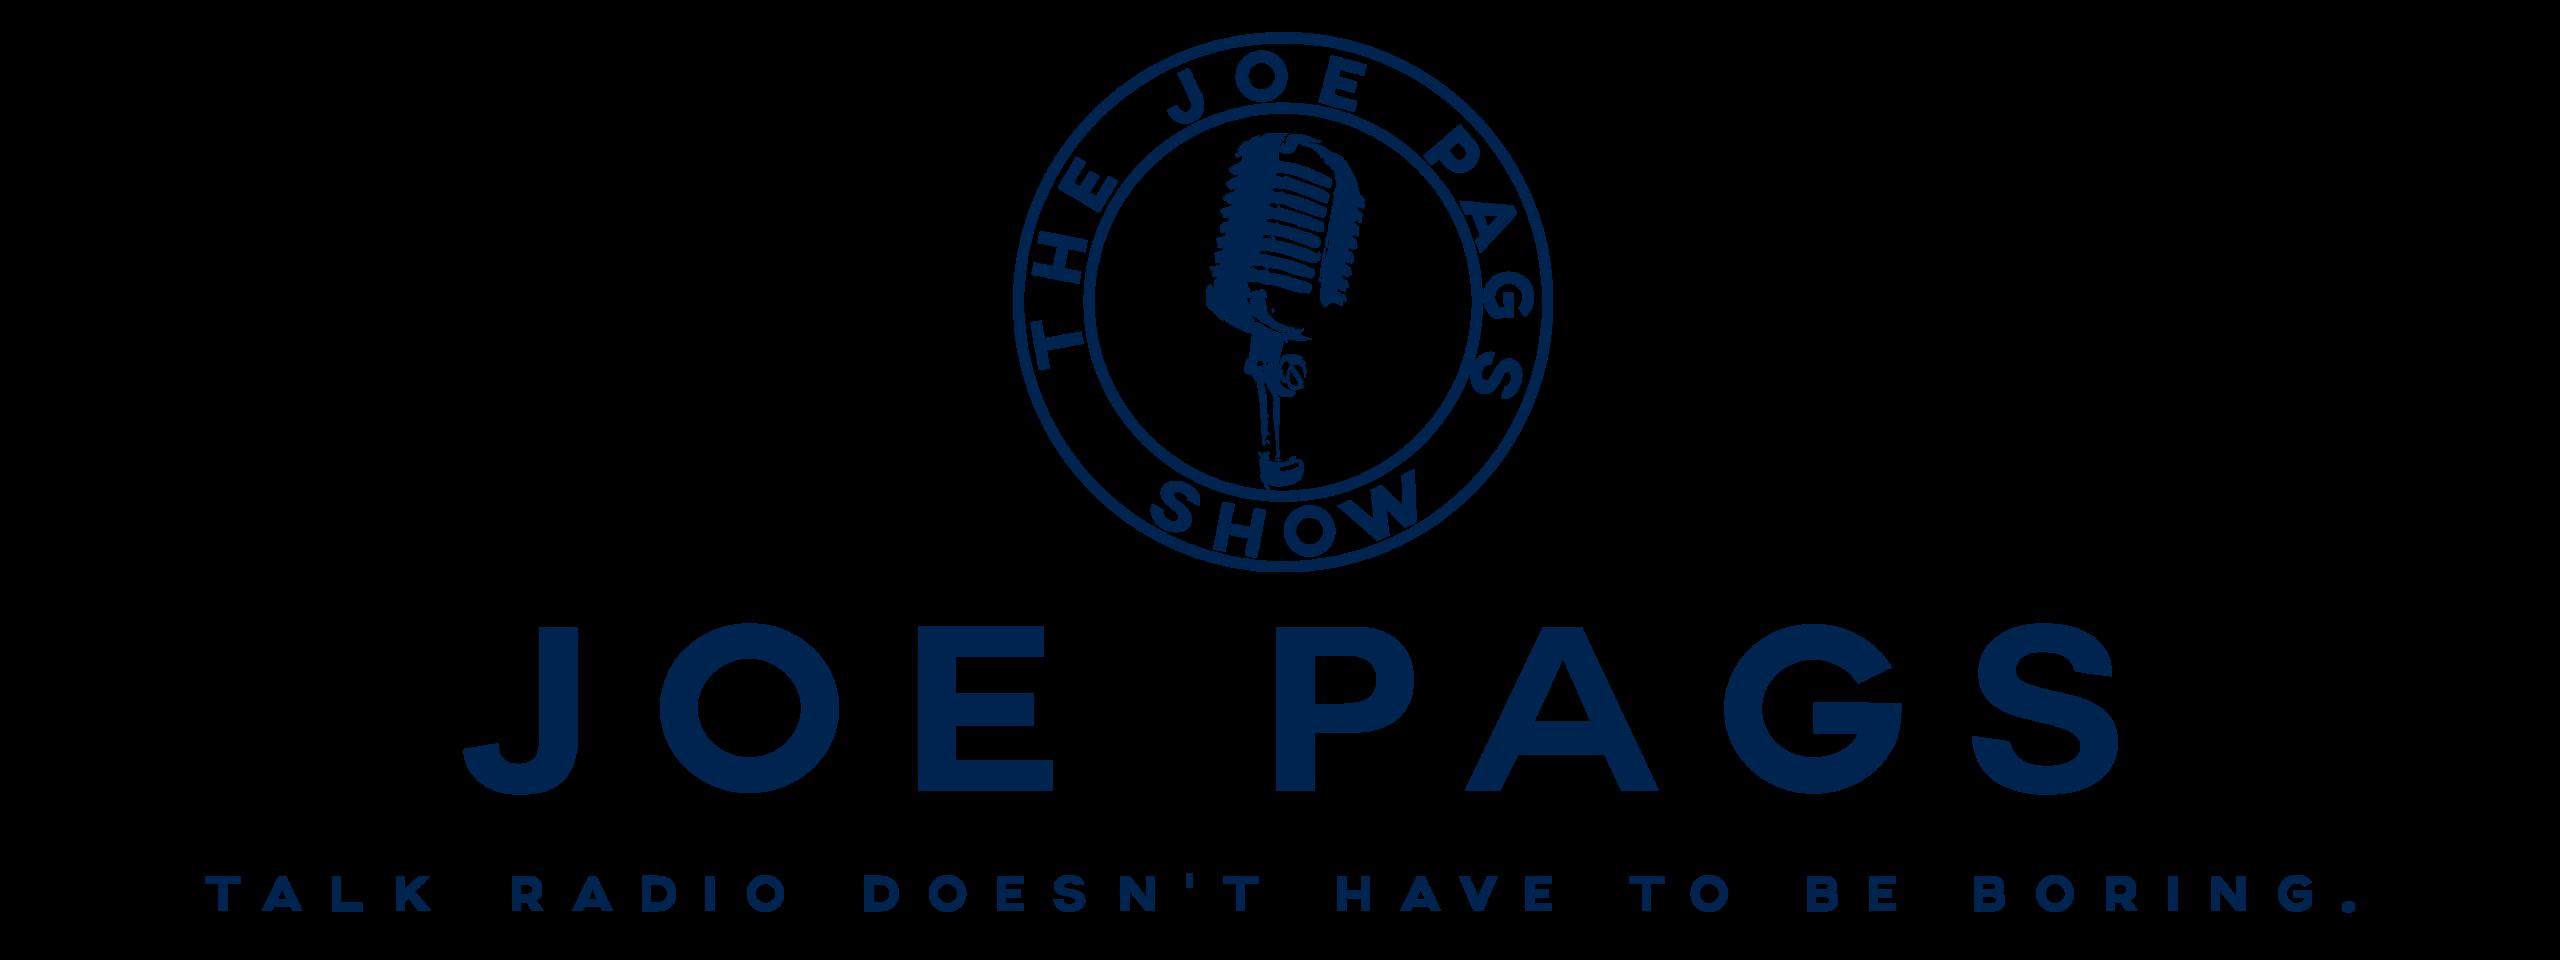 joe-pags-full-blue